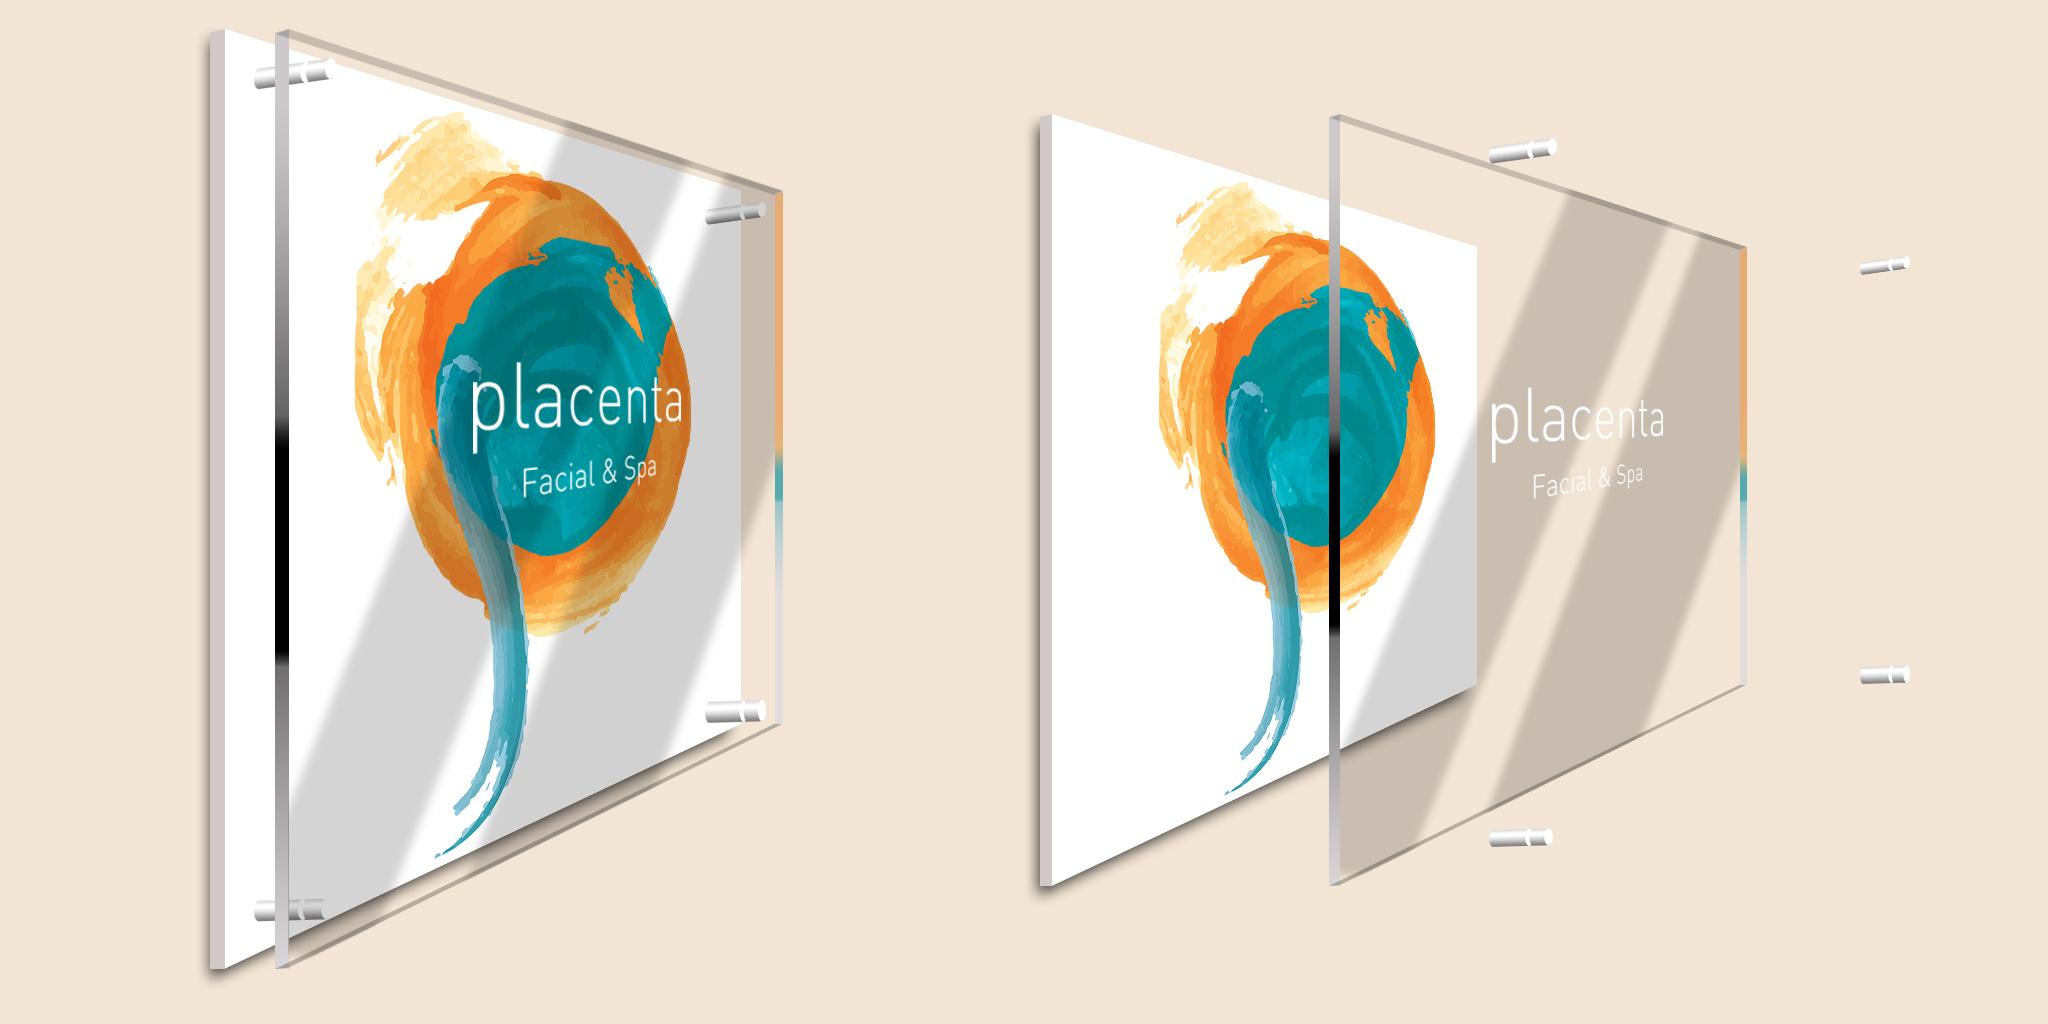 Placenta Facial & Spa wall signage